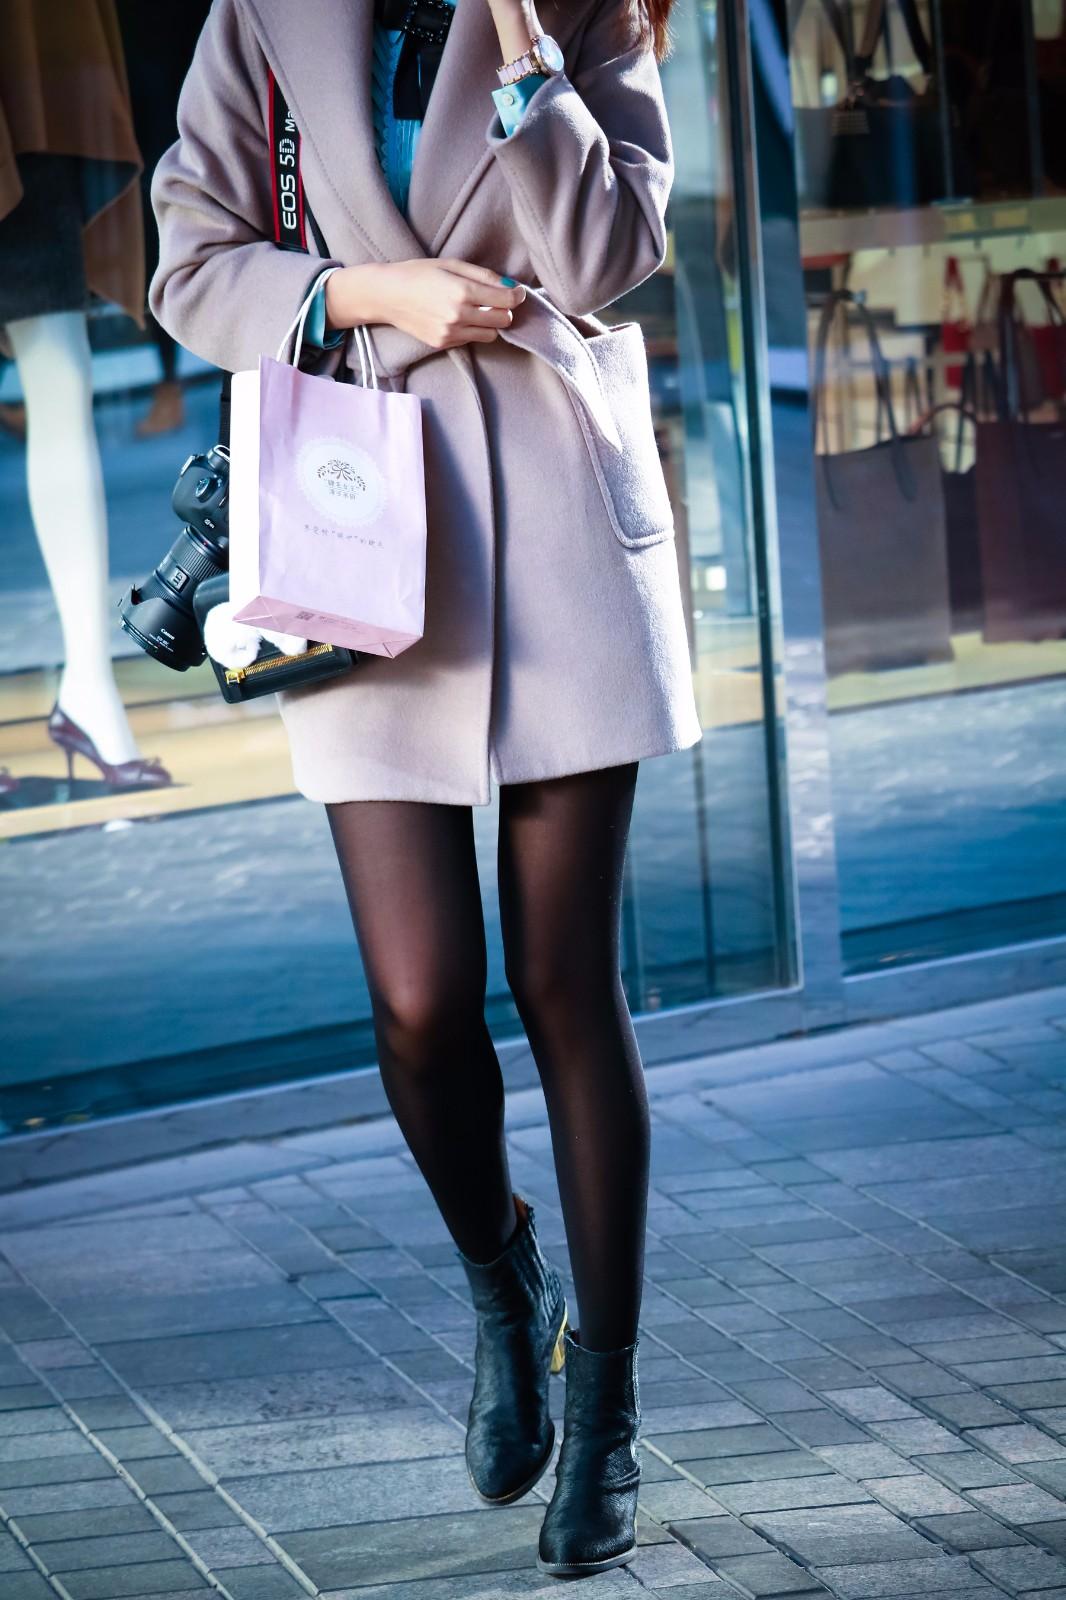 黑丝爱爱????_街拍:美女摄影师的黑丝长腿